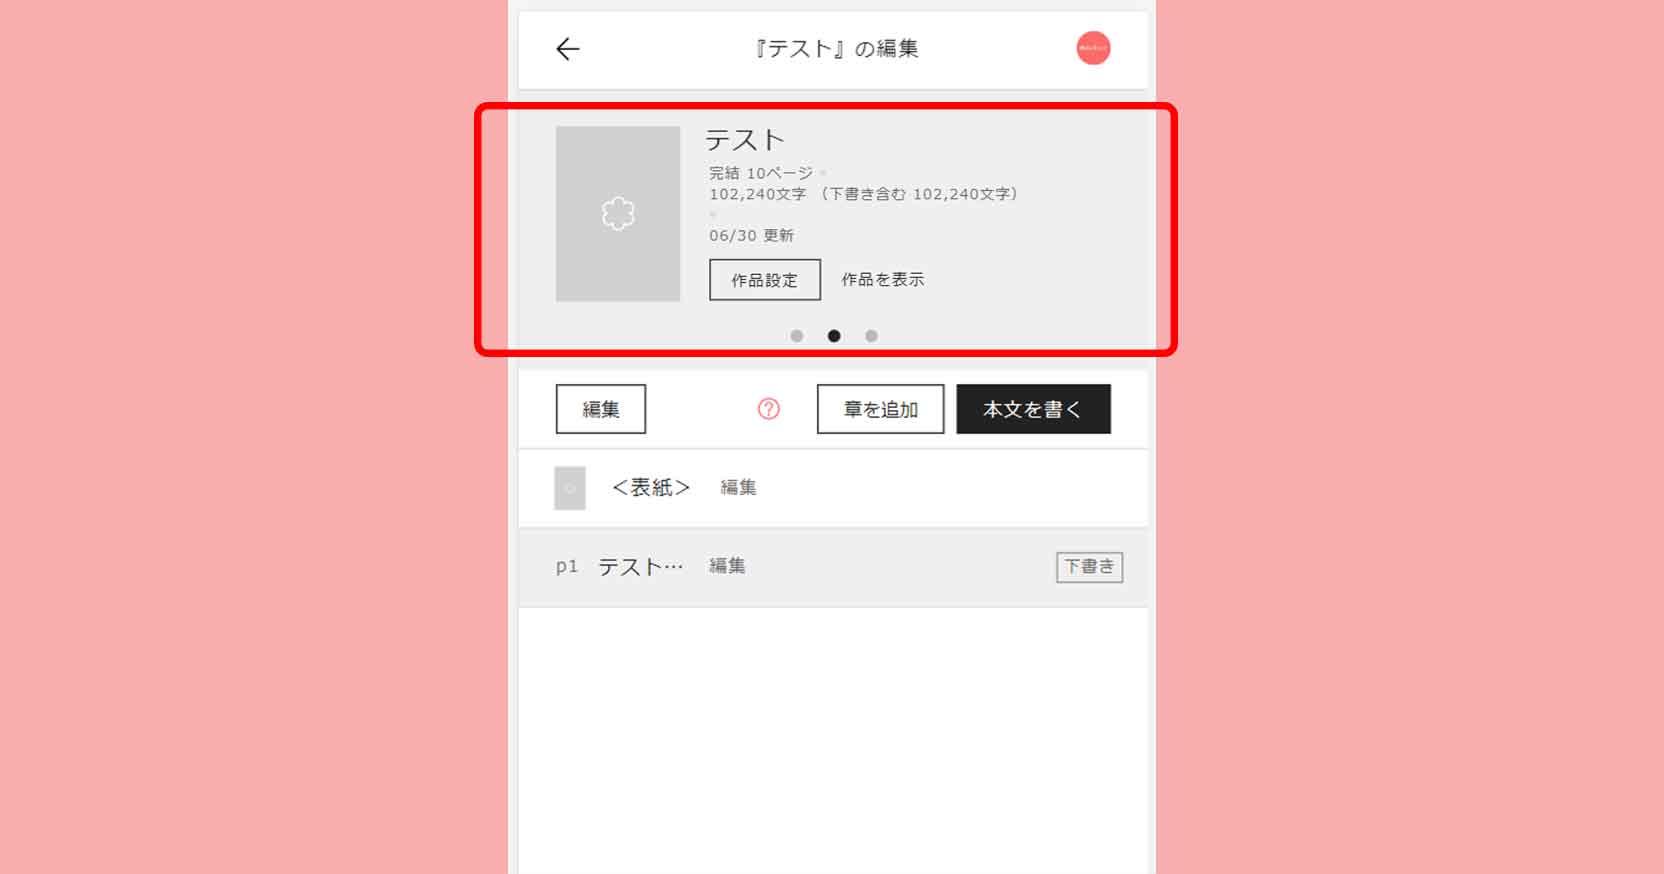 https://storage.googleapis.com/blog-info/entry/2021/09/check_6.jpg